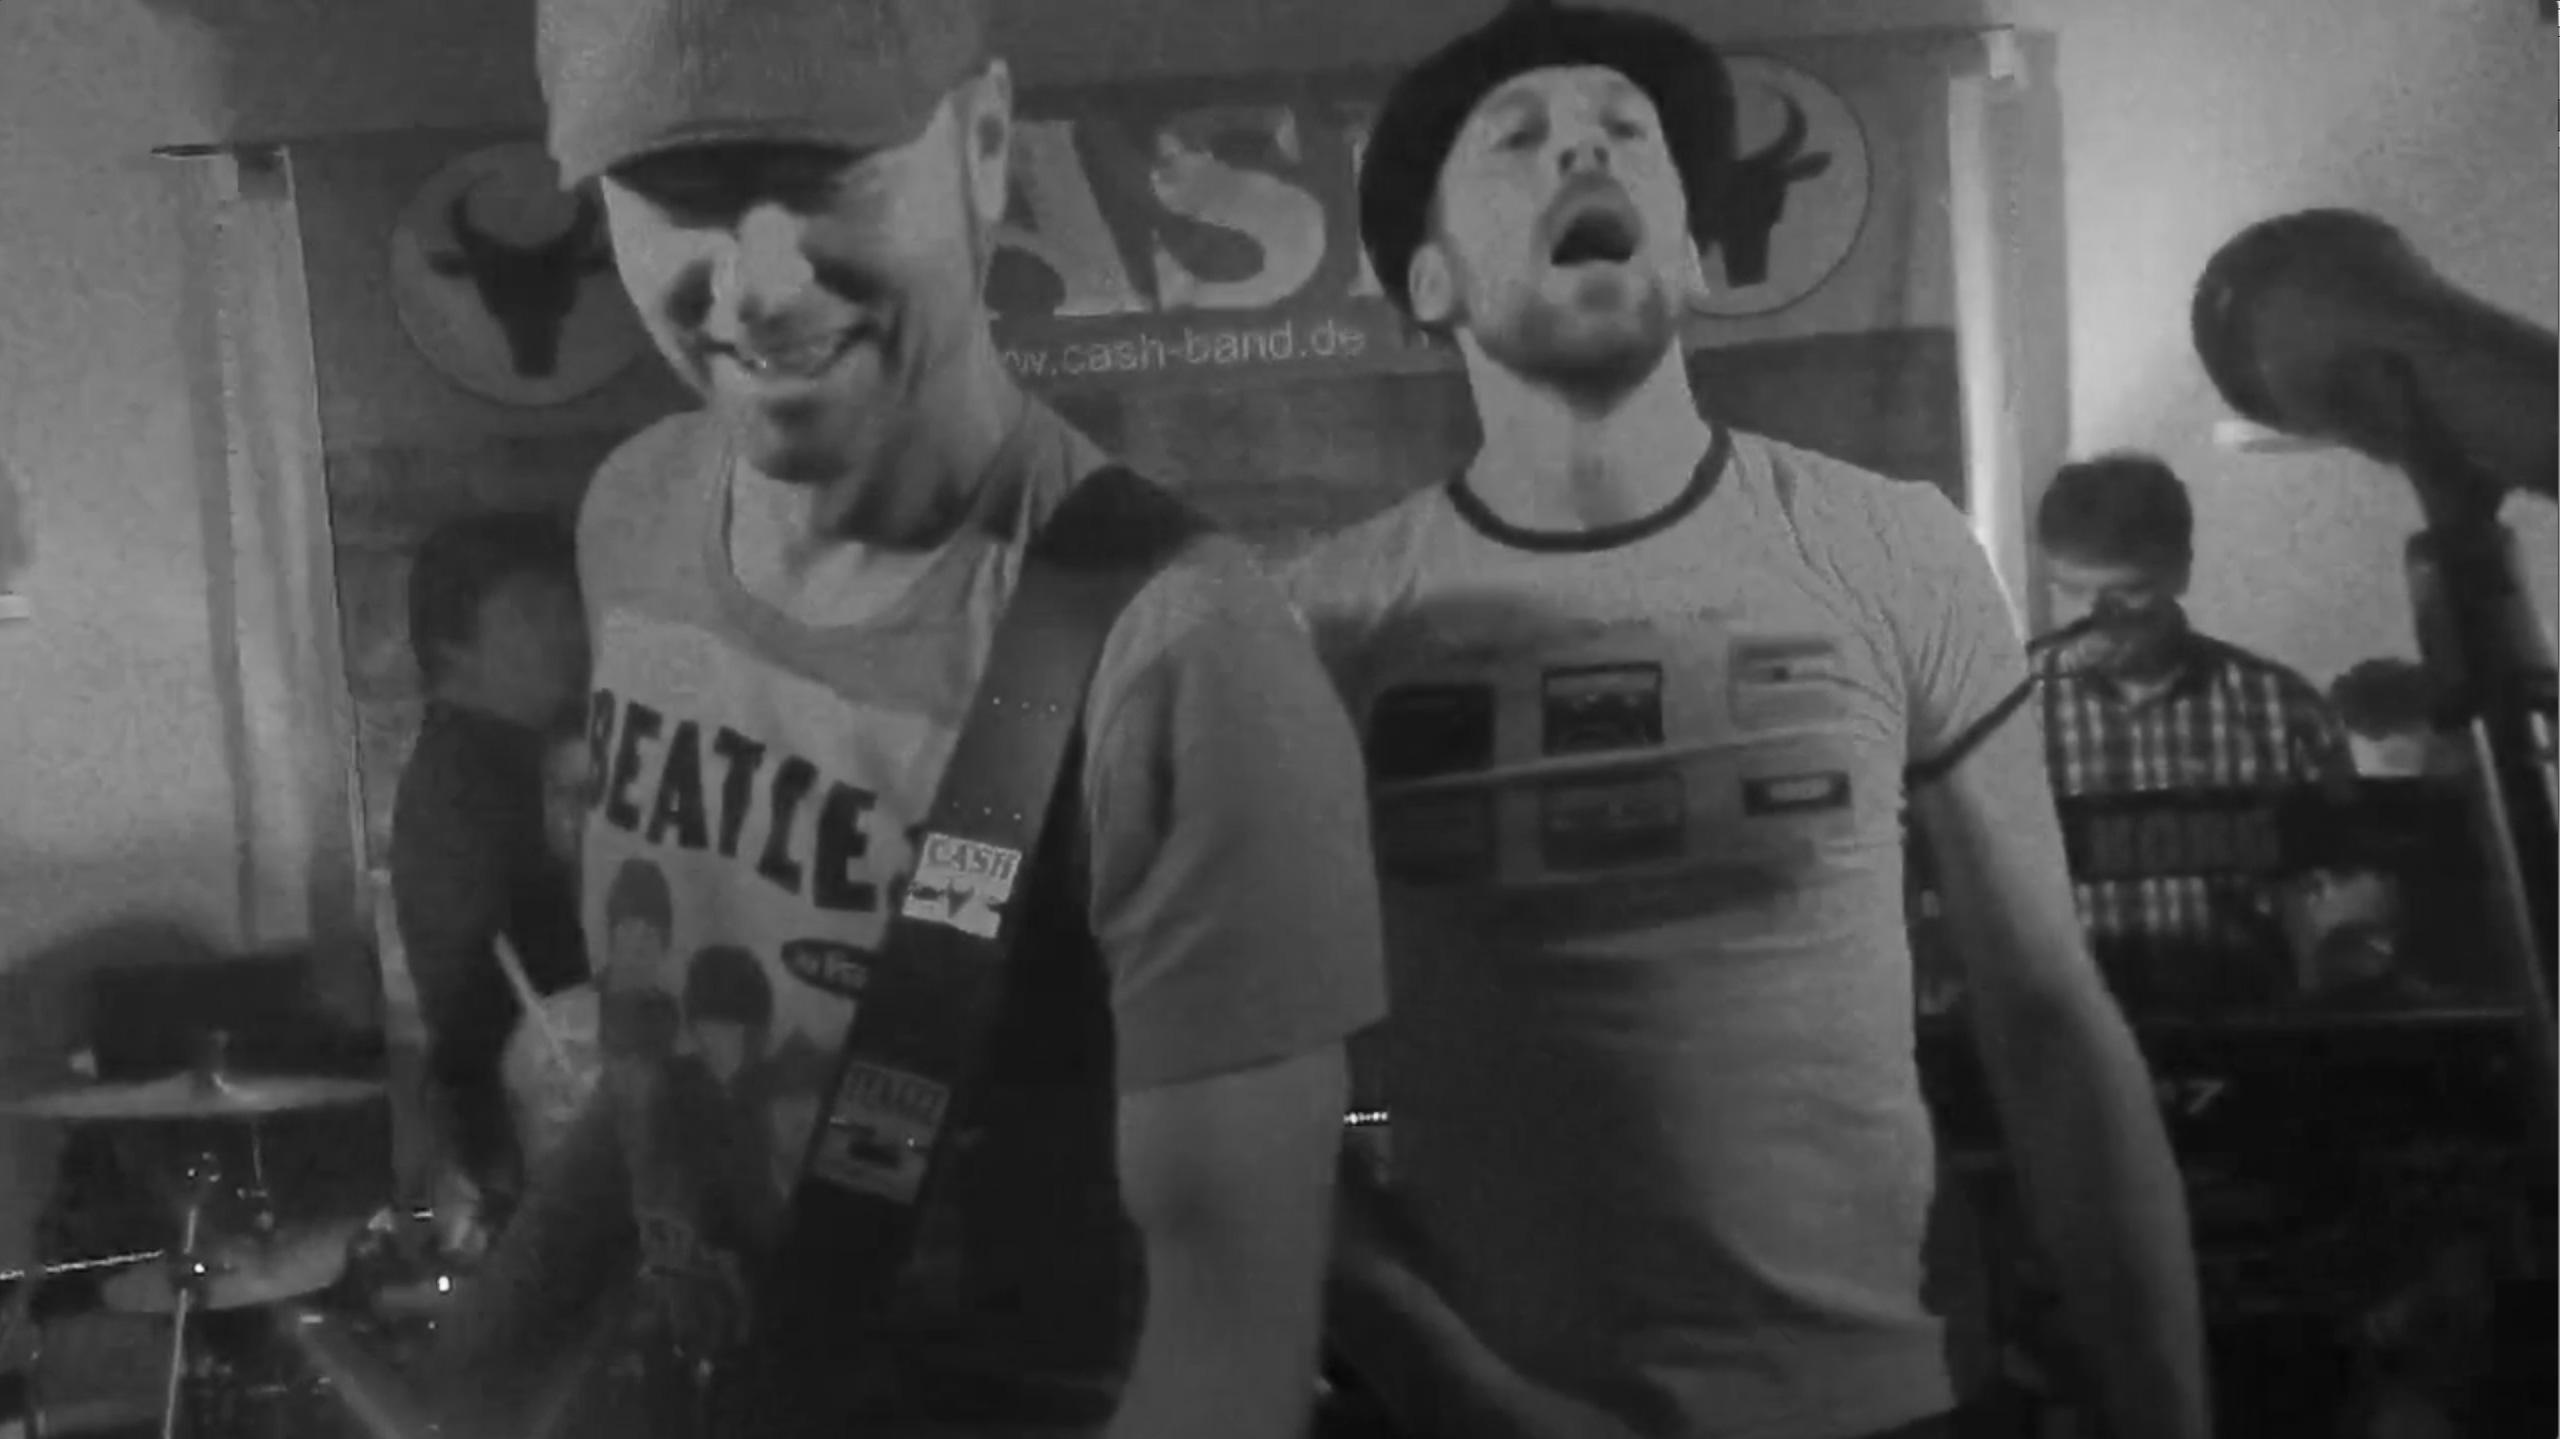 Cash_Band_Standbild_Video